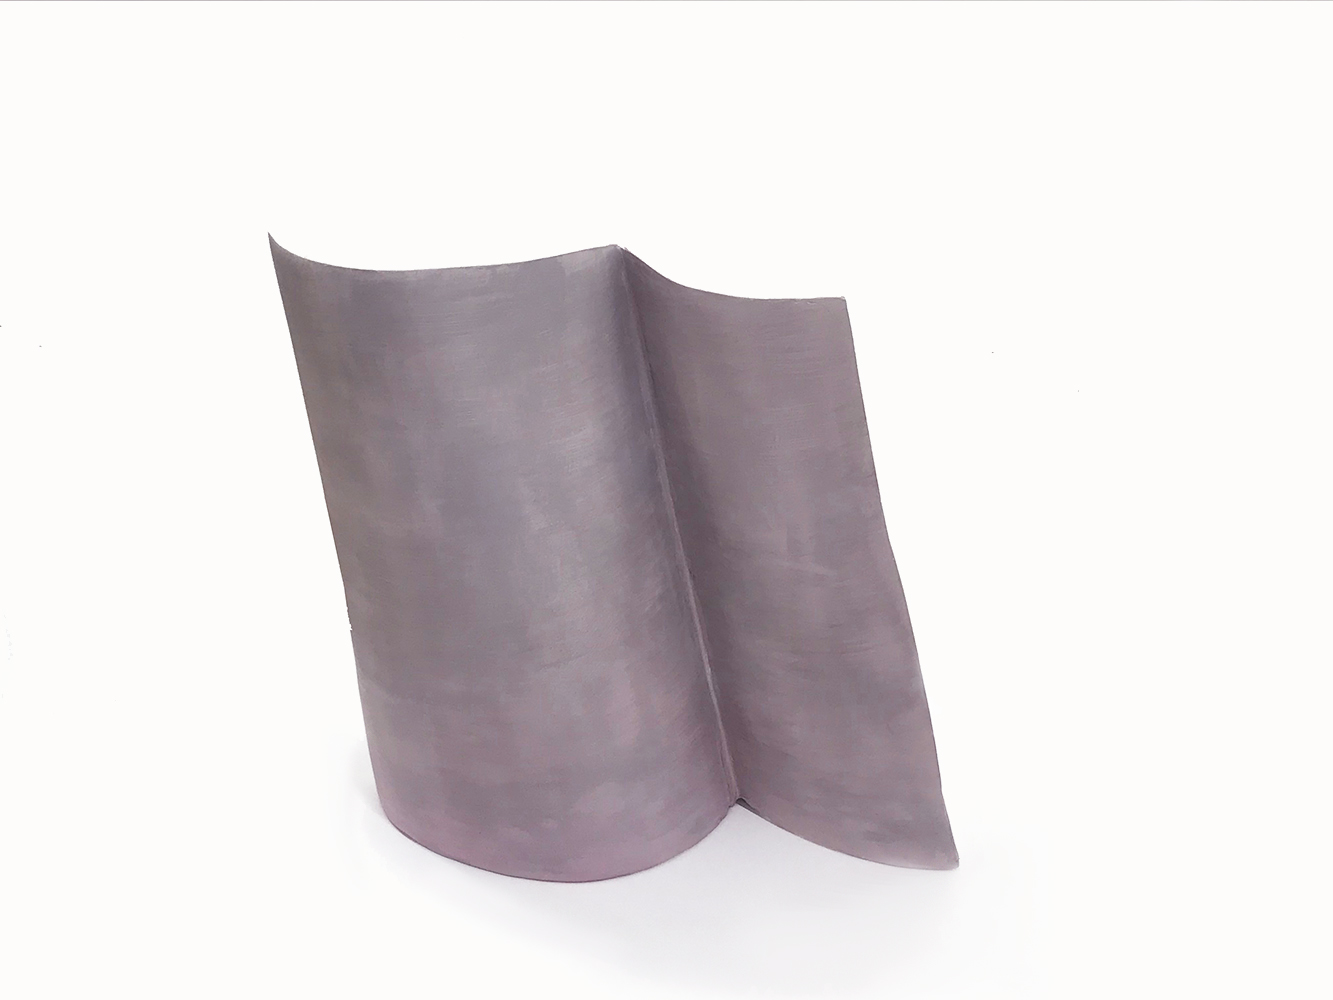 Simone Rochon, Formes fléchies no. 4 ,2017, plâtre, fibre de verre et peinture acrylique, dimensions variable.